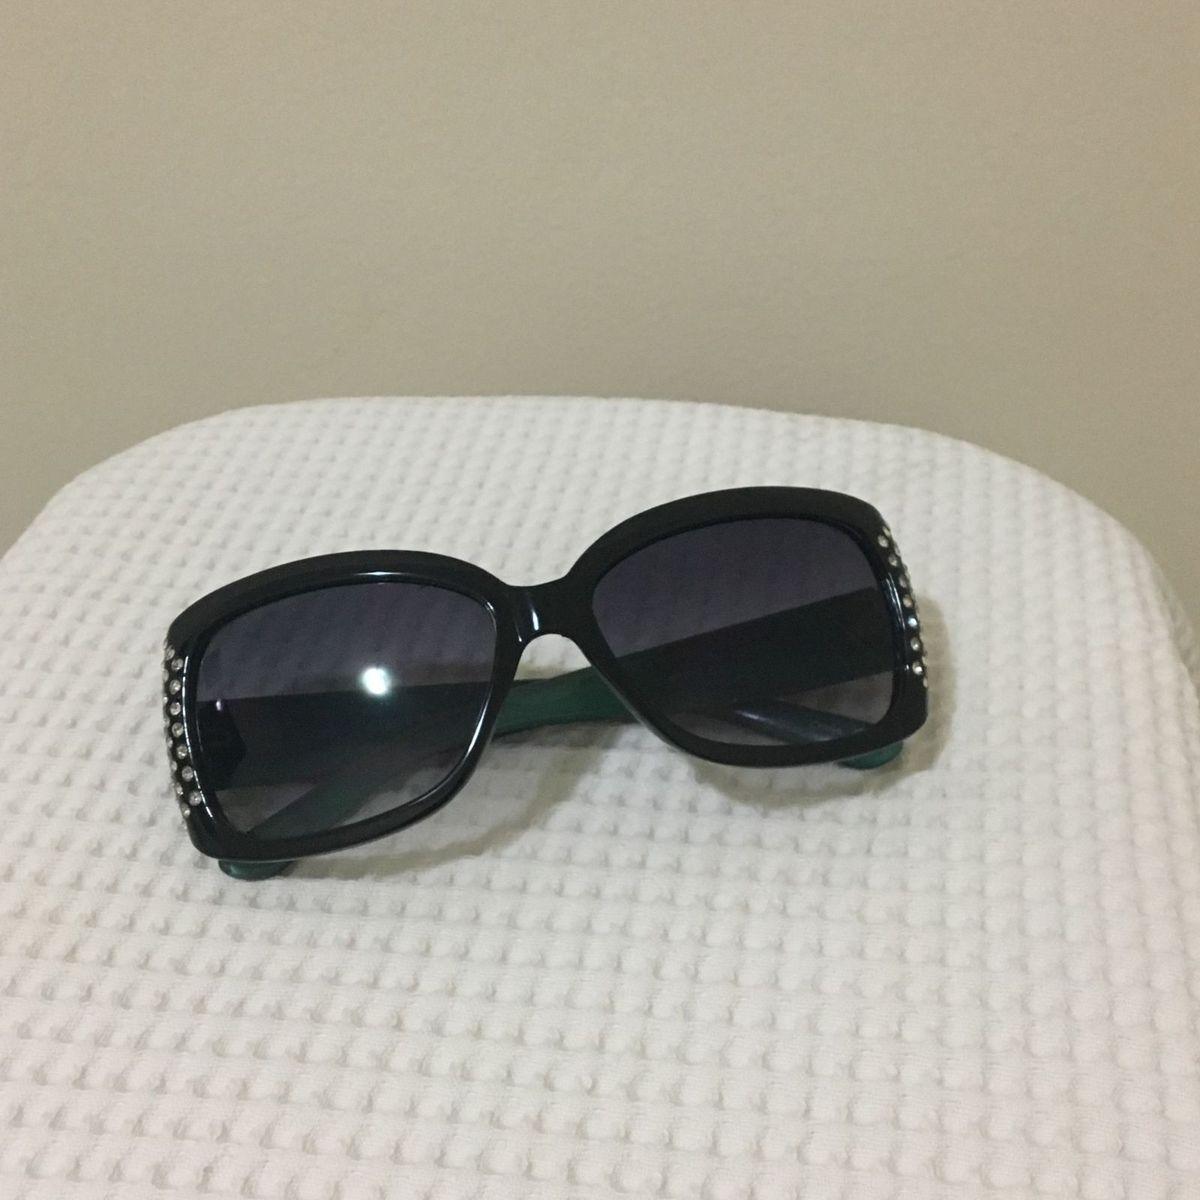 7cf6e9819 Oculos Steve Madden | Óculos Feminino Steve Madden Nunca Usado 25715516 |  enjoei